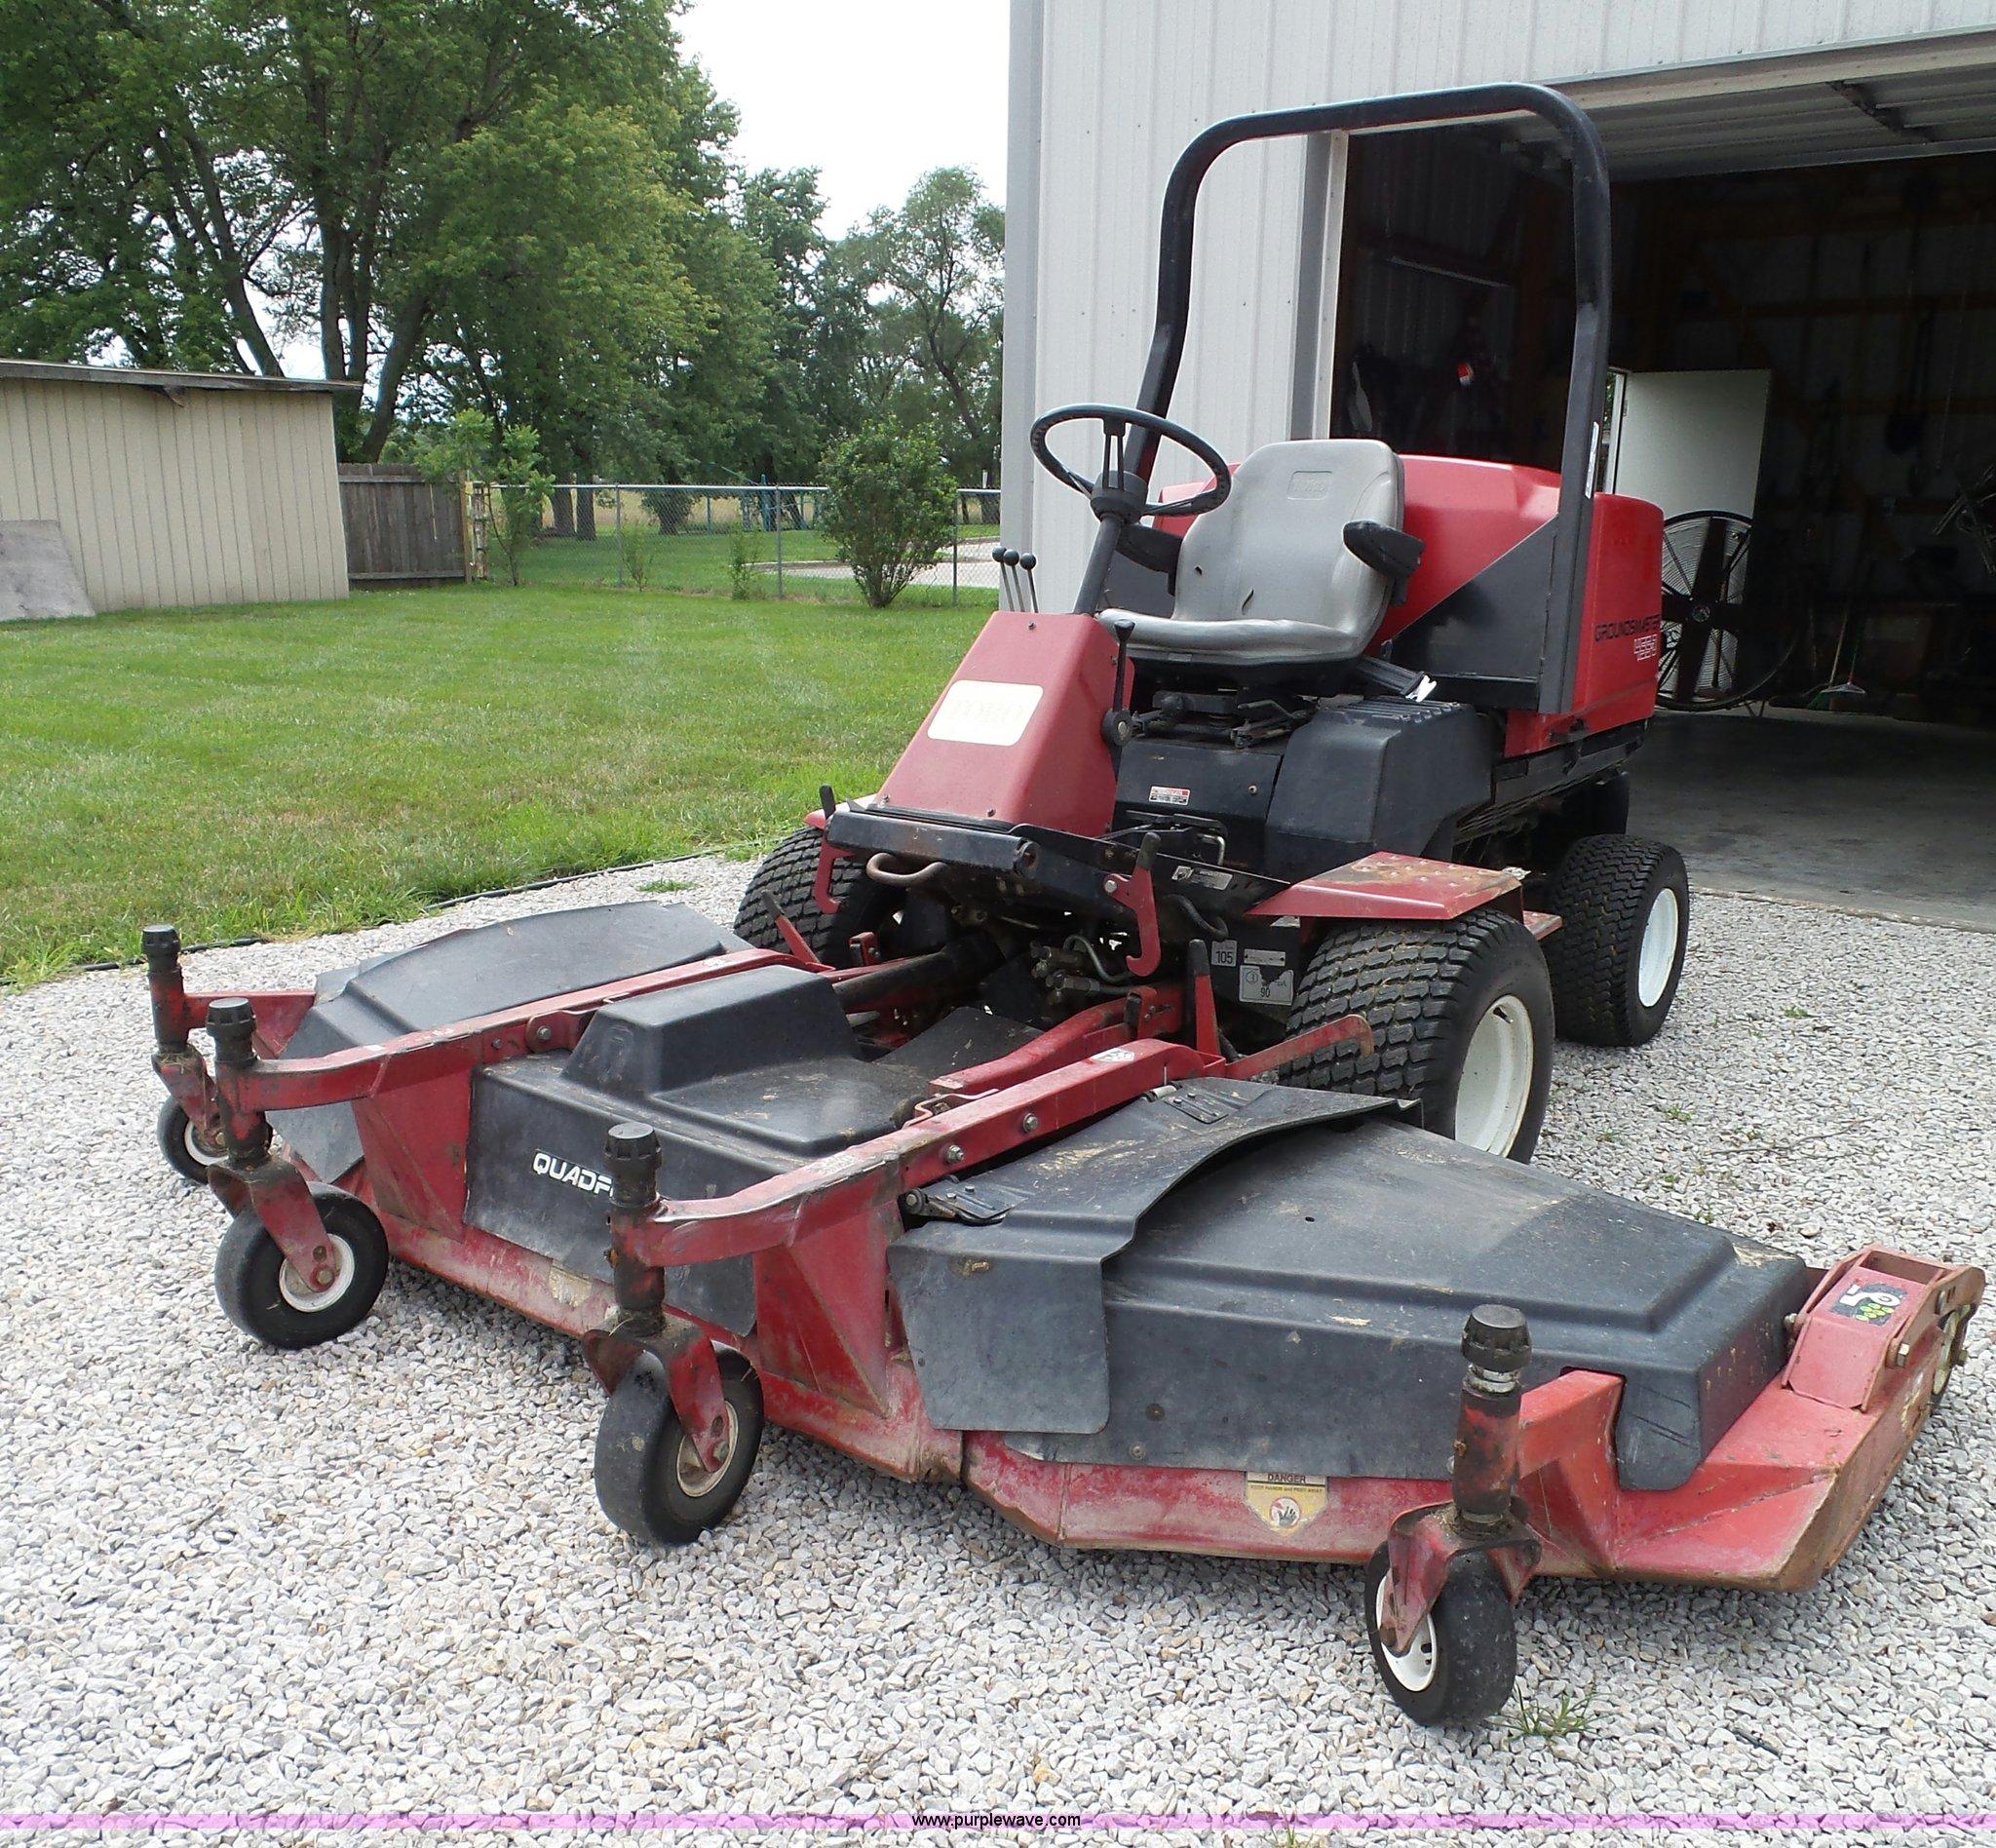 2003 Toro Groundsmaster 455D lawn mower | Item BG9390 | SOLD